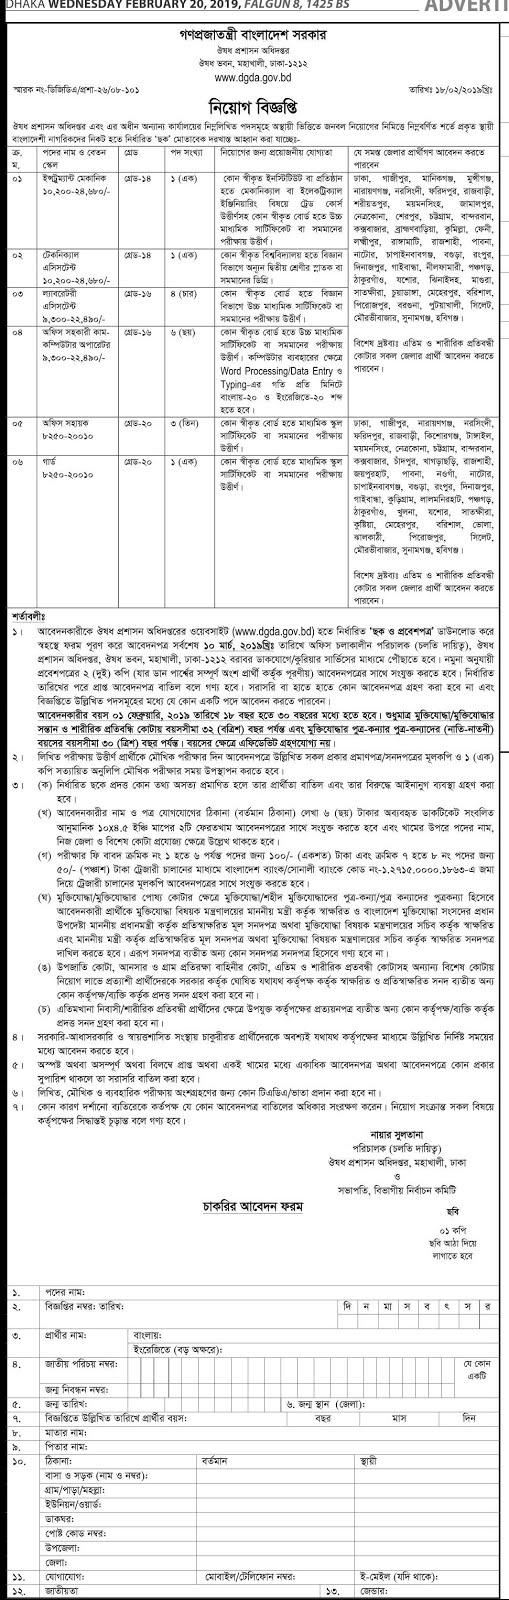 Directorate General of Drug Administration DGDA Job Circular 2019